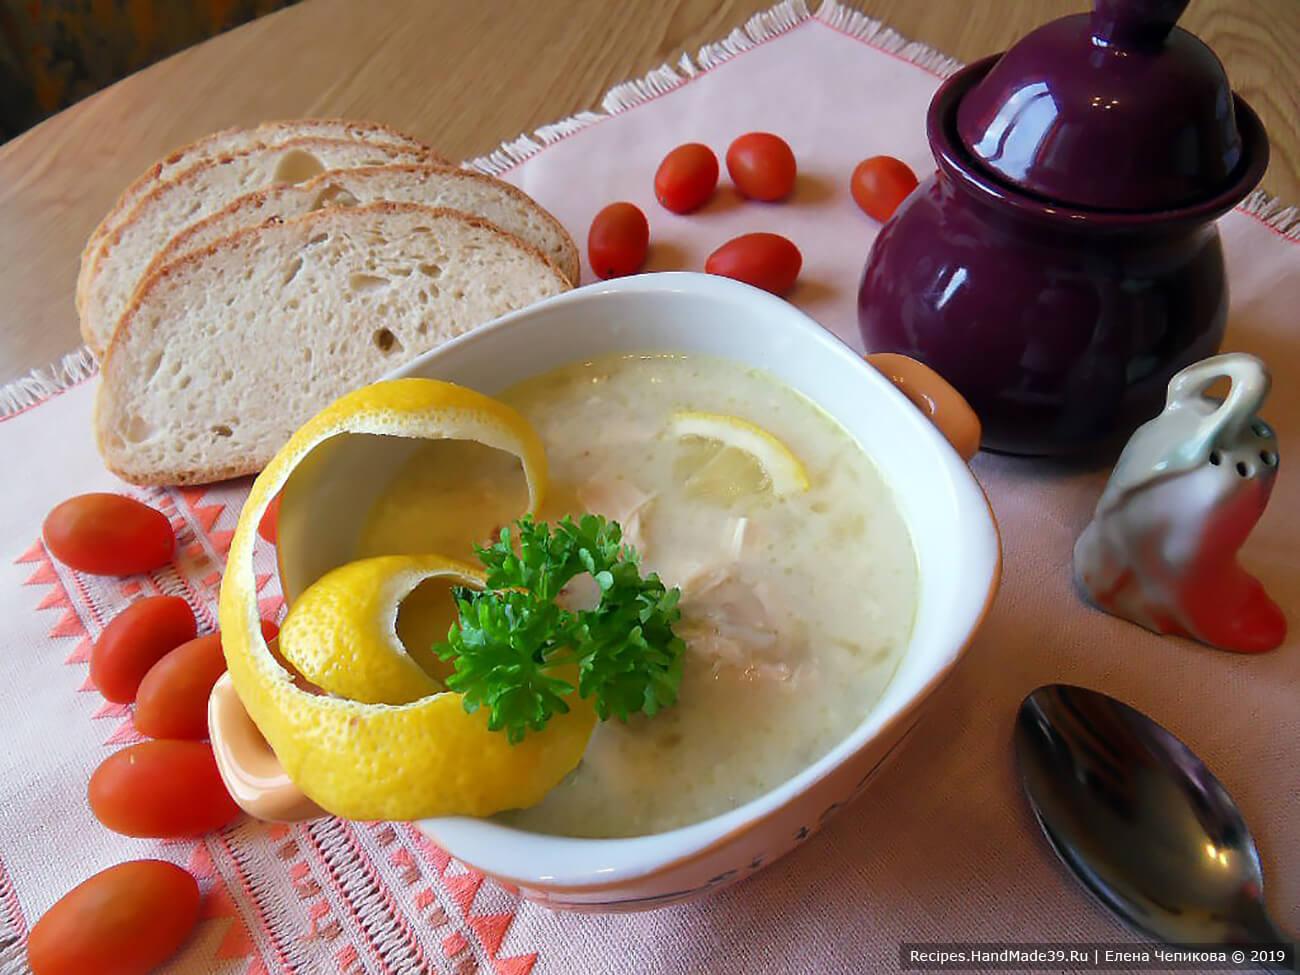 Таронский (армянский) куриный суп с перловкой и лимоном следует подавать с зеленью. Приятного аппетита!